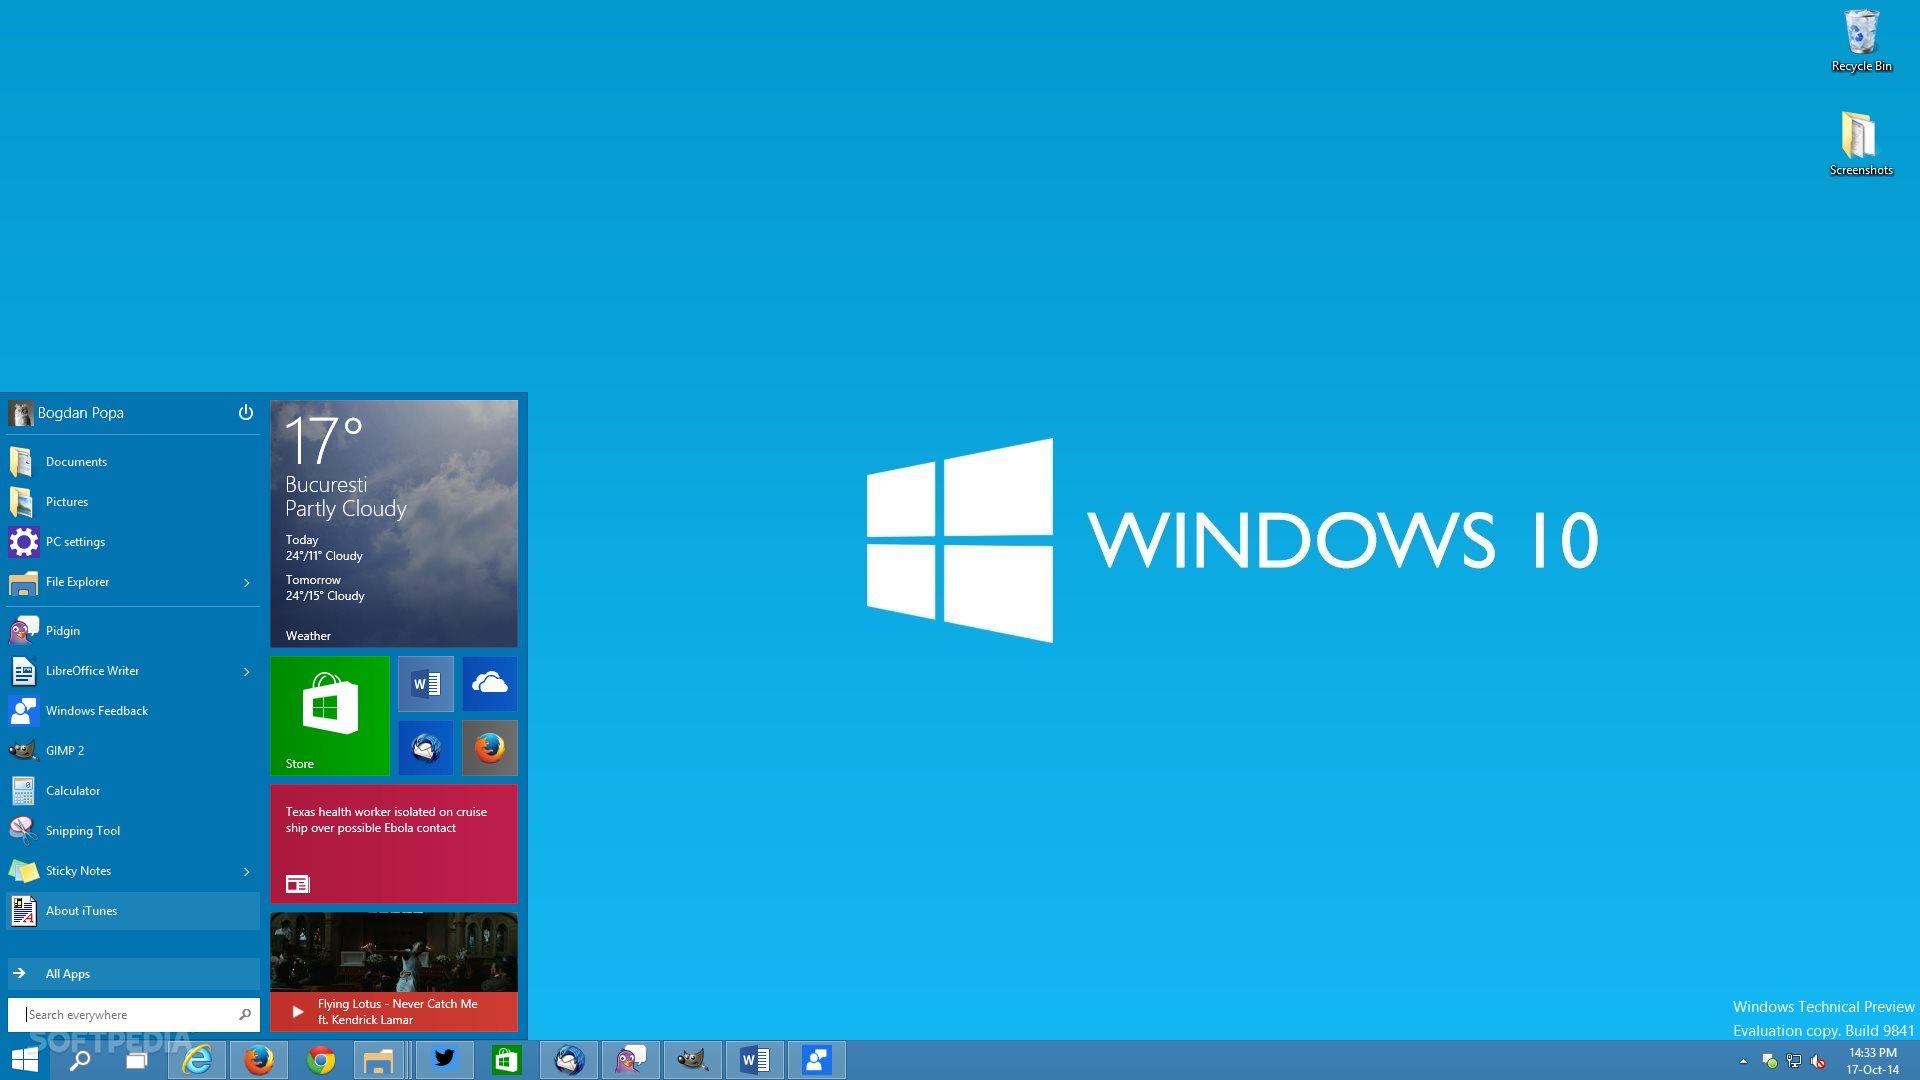 Ücretsiz Windows 10'a Sahip Olmanız için Çok Az Süreniz Kaldı!